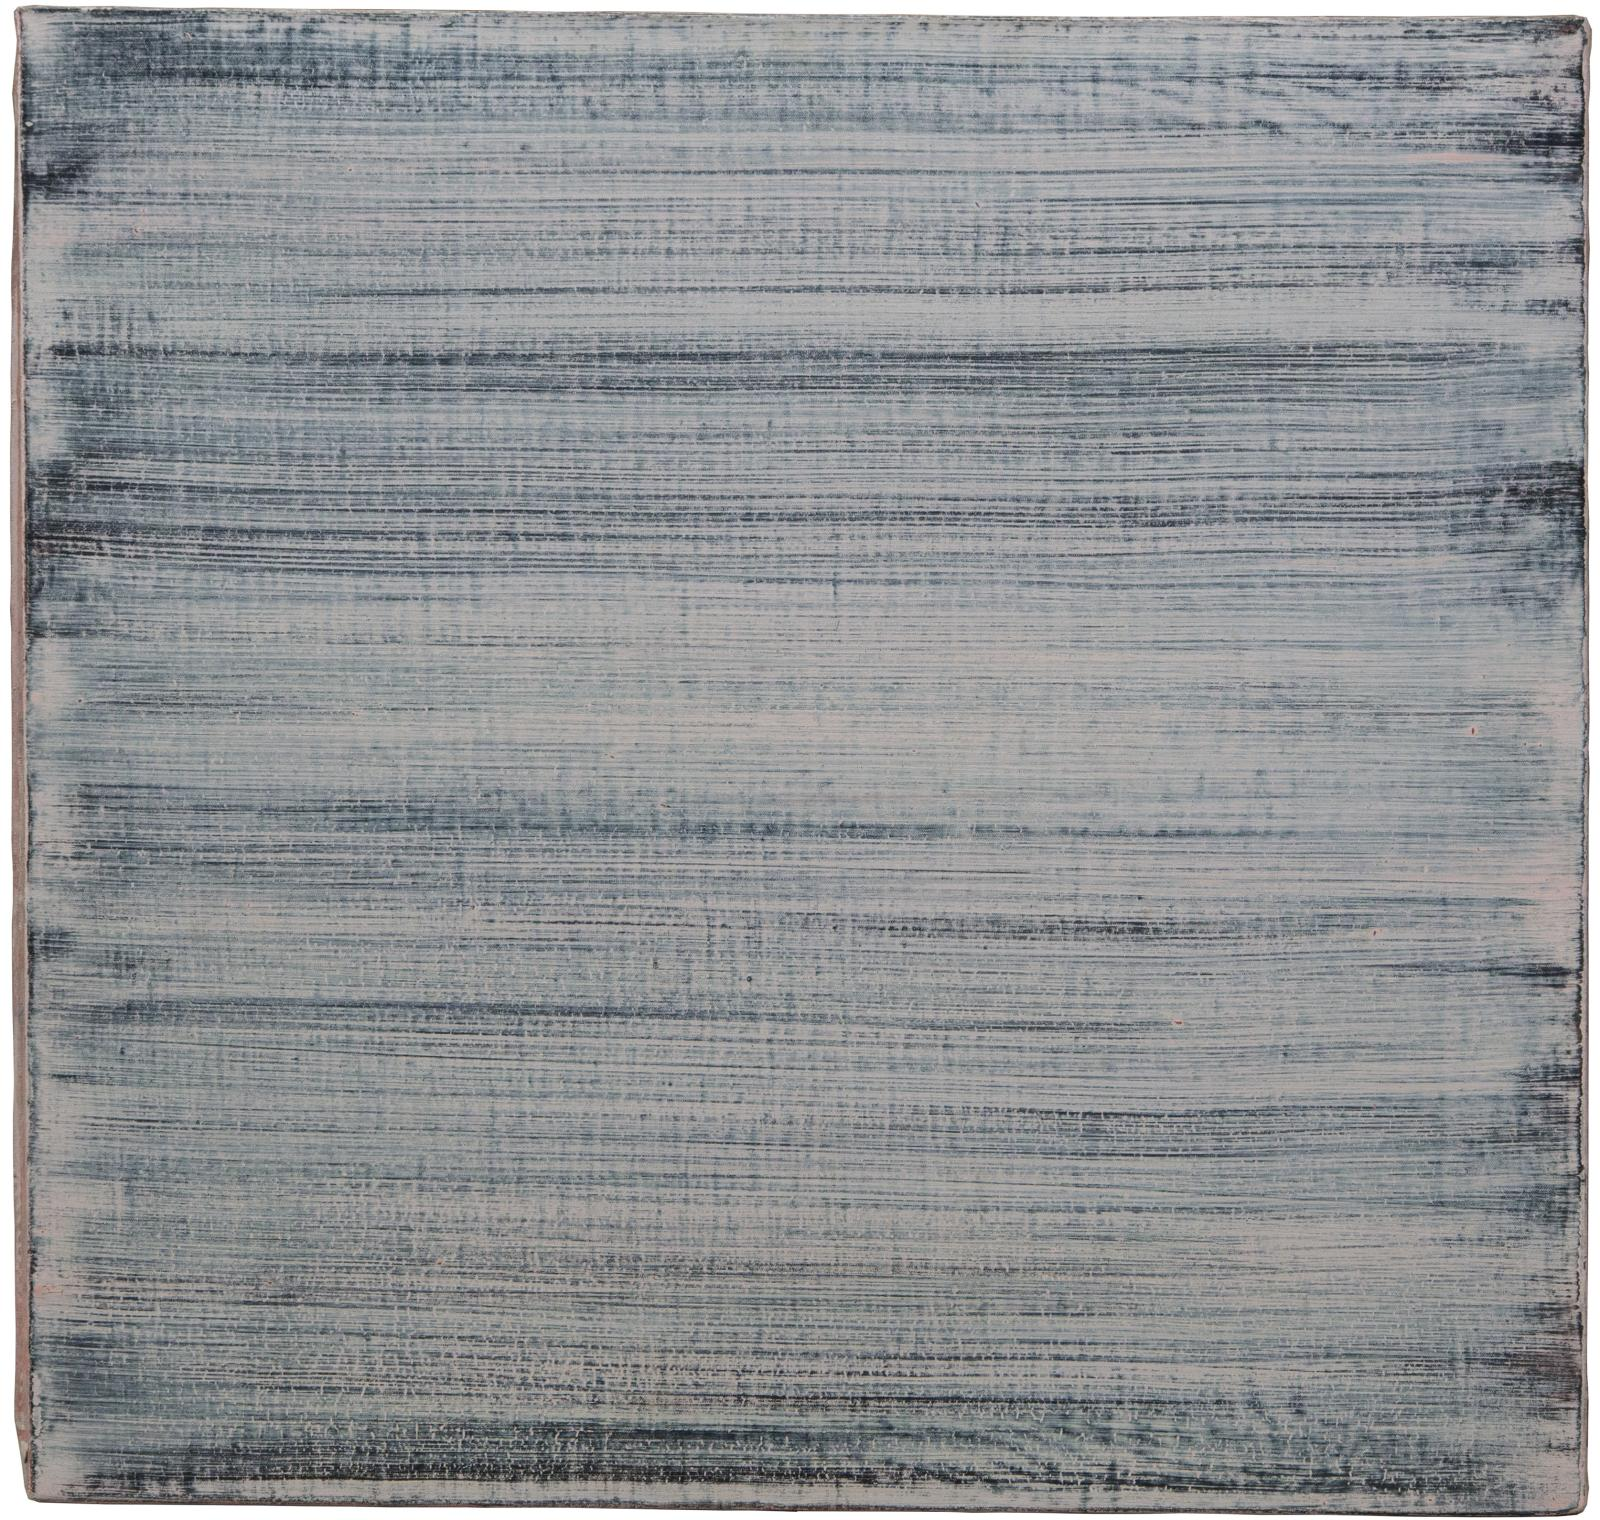 François Aubrun, Untitled #490, 1982